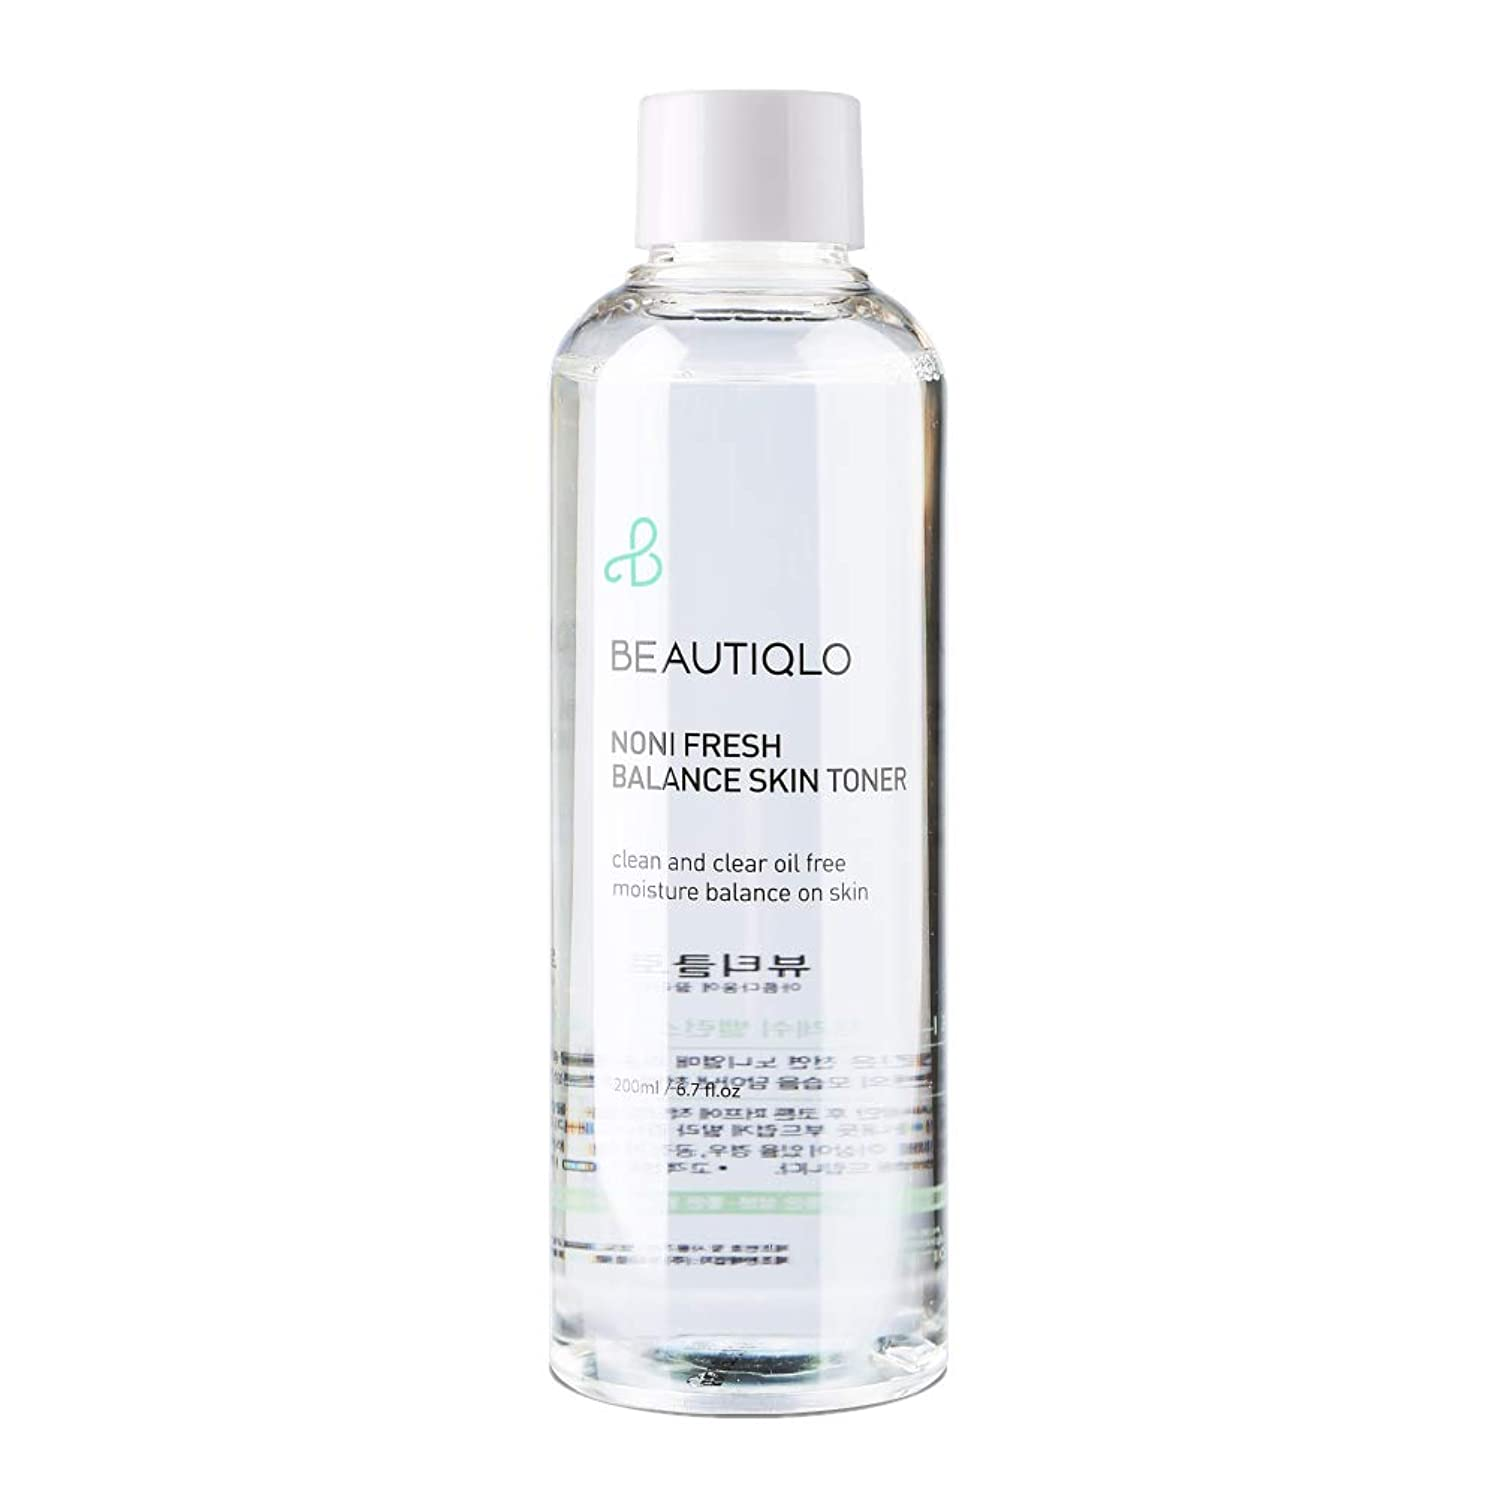 雑草承認時間とともに韓国化粧品 BEAUTIQLO NONI FRESH BALANCE SKIN TONER ビューティクロ ノニフレッシュバランススキントーナー 化粧水